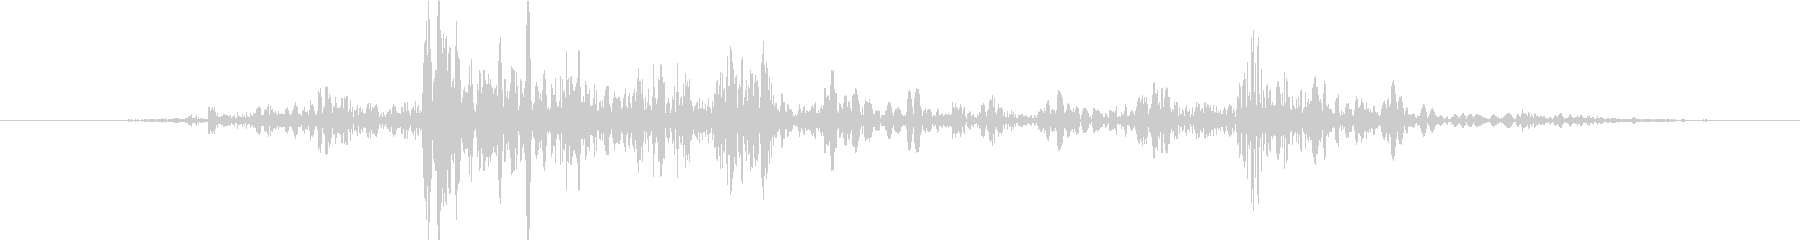 ガタタッ【汎用的な物音】の未再生の波形